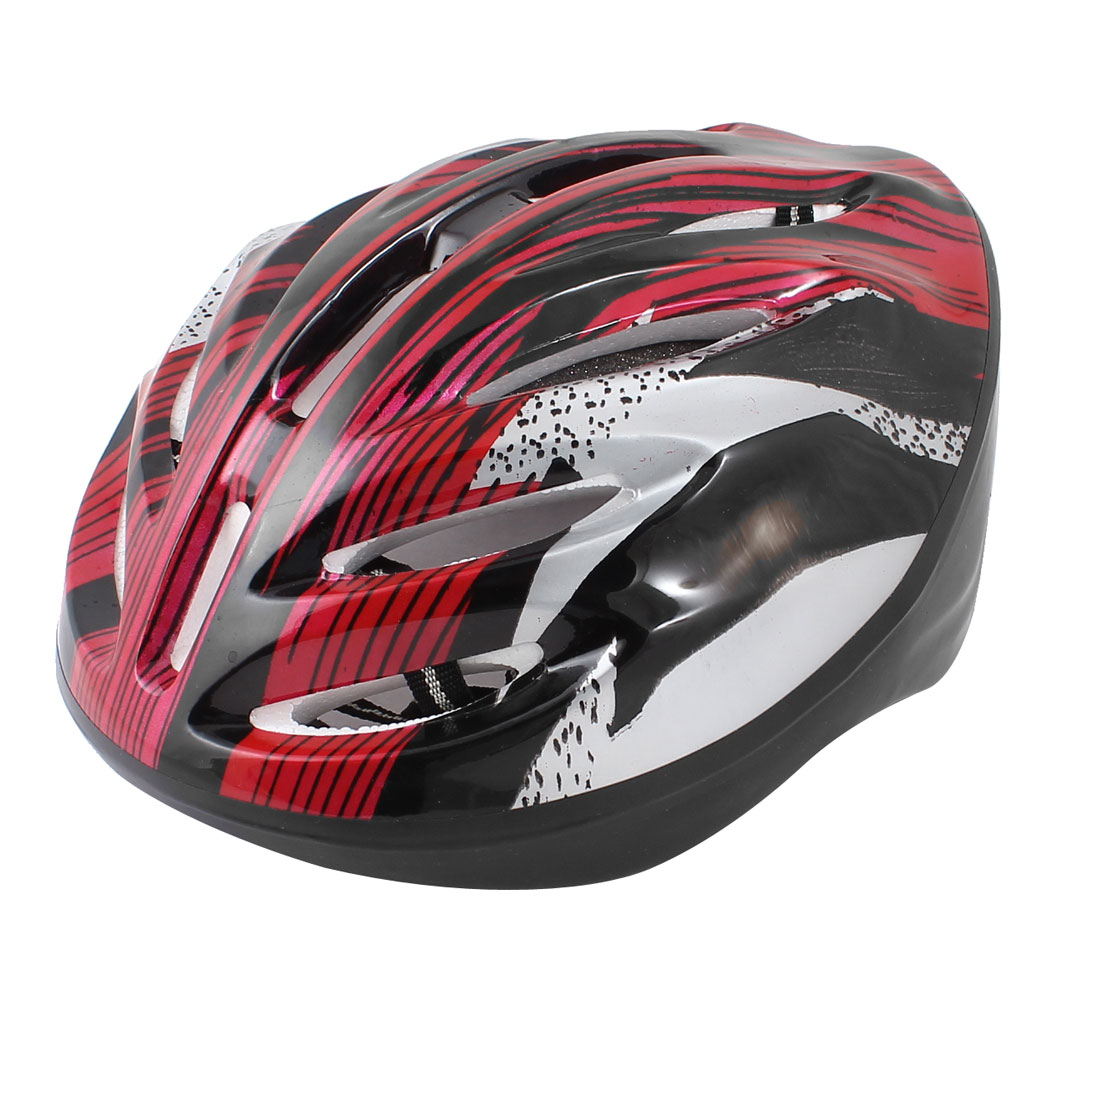 Unique Bargains Women Men Skateboard Skiing Racing Bicycle Bike Sports Helmet Red Black by